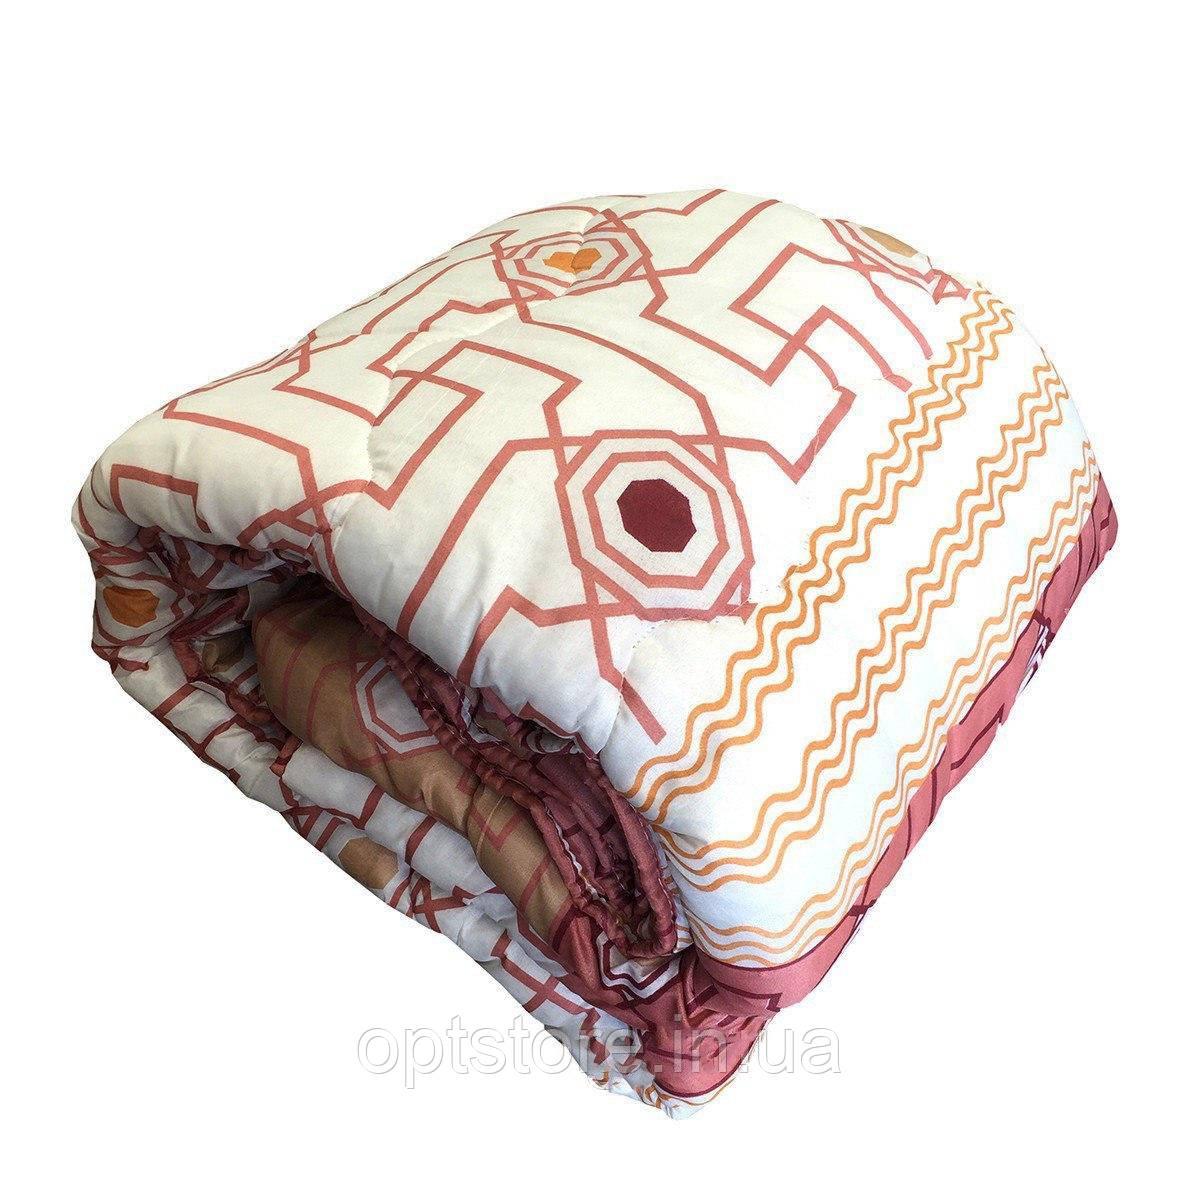 Ковдра двоспальне силікон, тканина полікотон